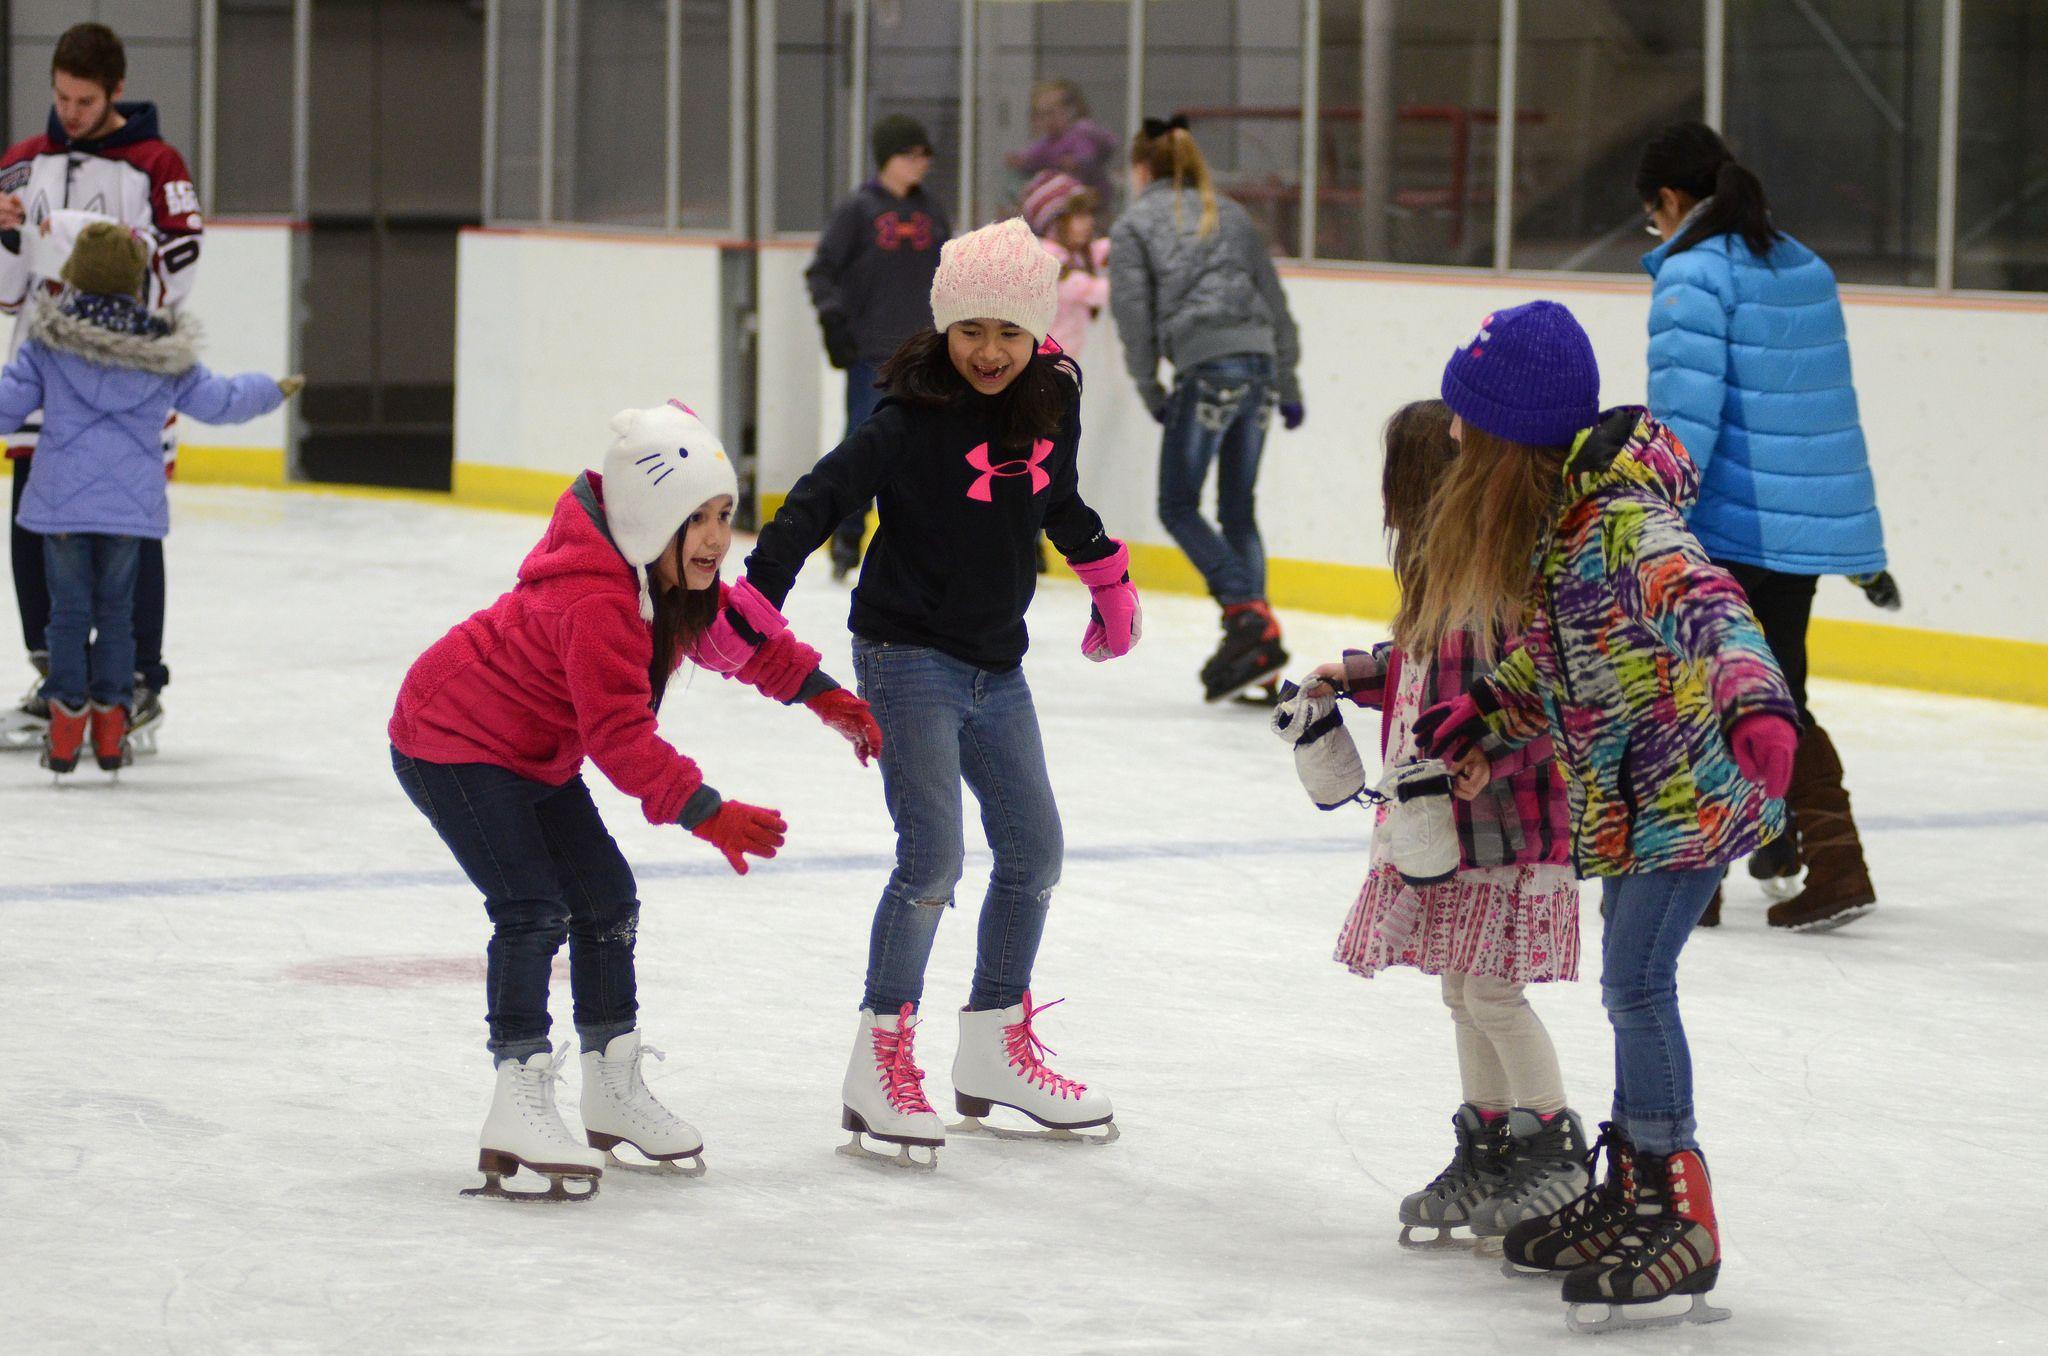 schenley ice skating rink - HD2048×1356